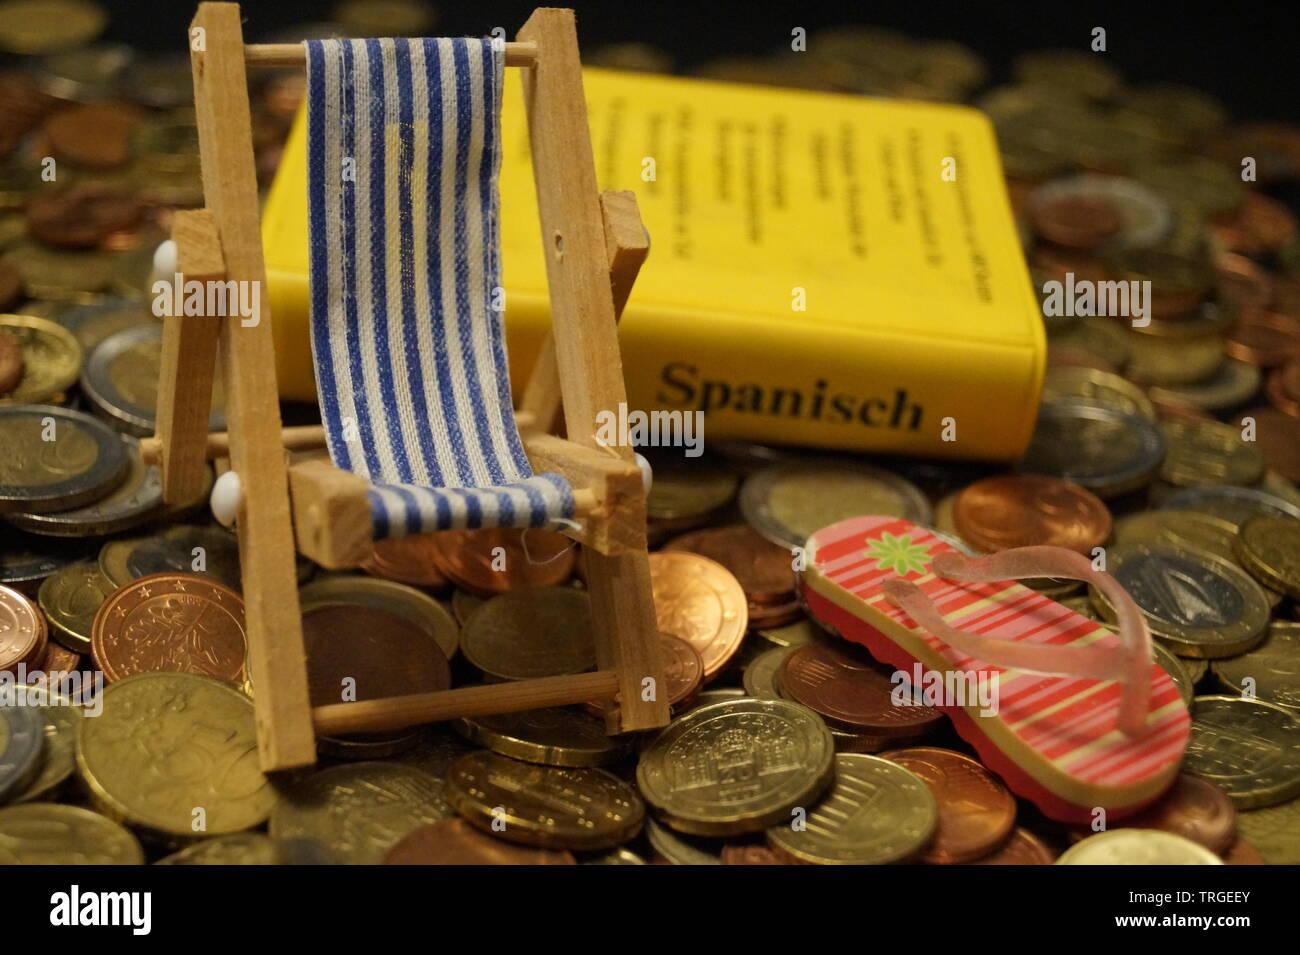 Urlaub Geld - die Kosten der Reisen Stockfoto